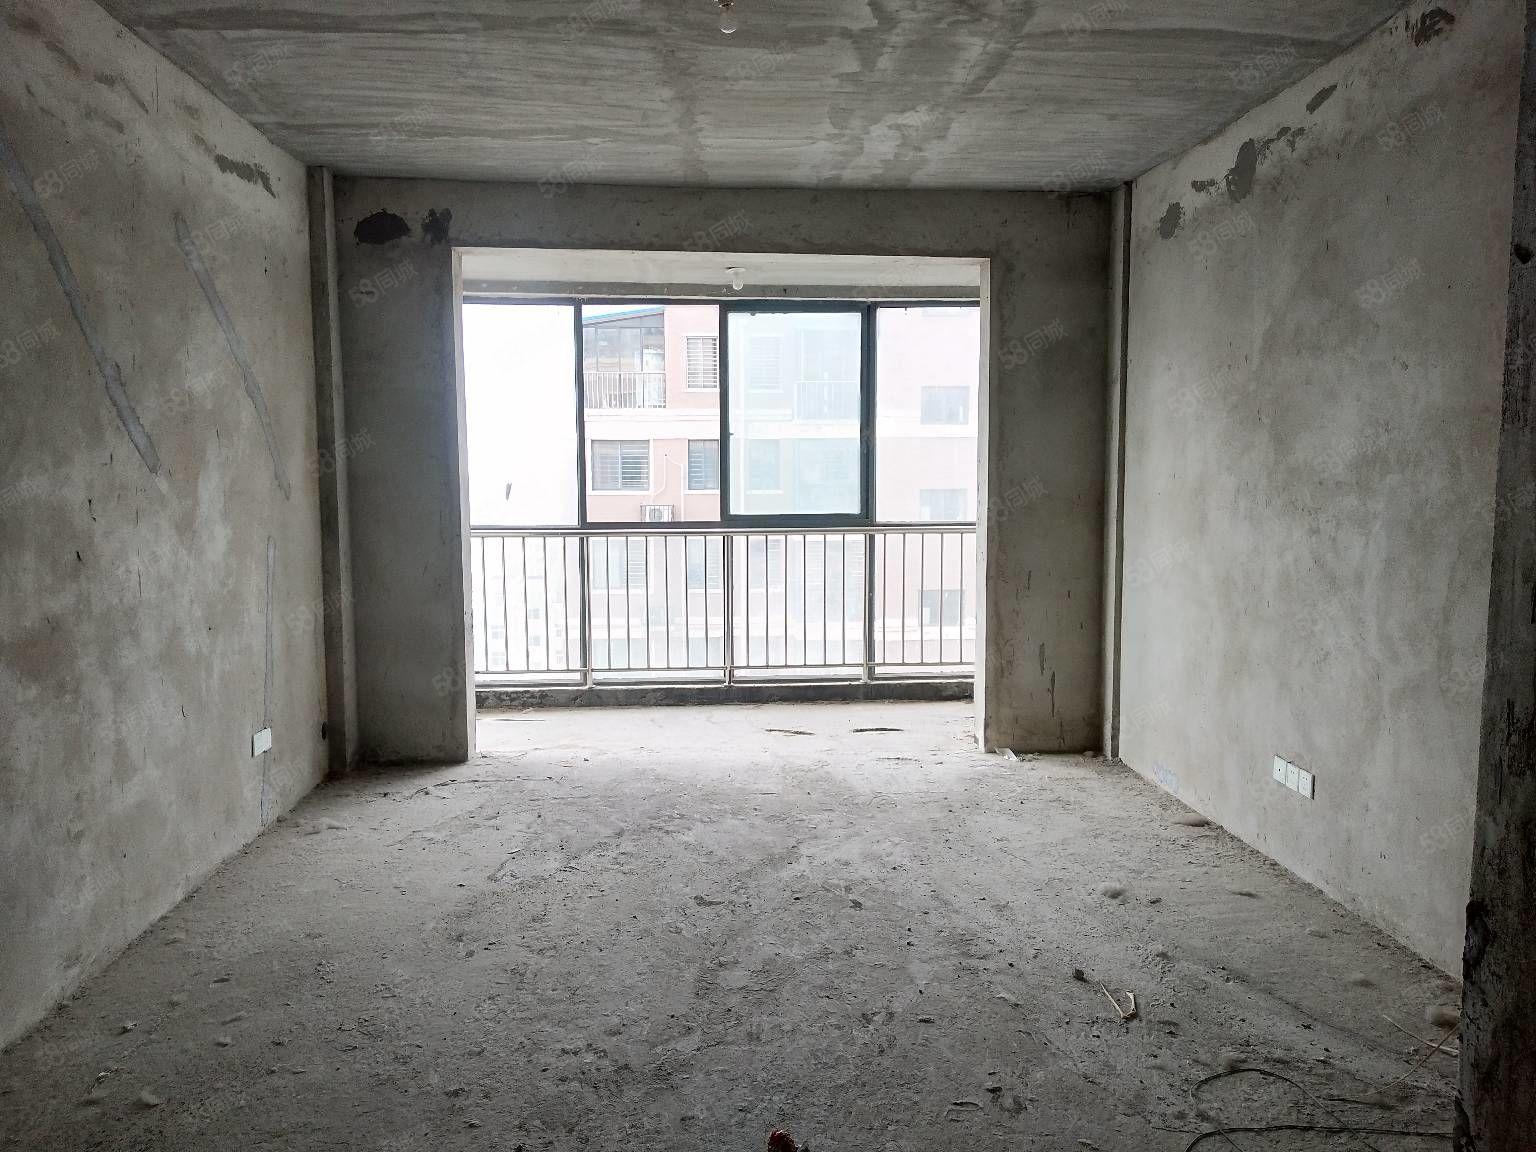 急售运河人家电梯双气三室南北通透三室两卫满五唯一